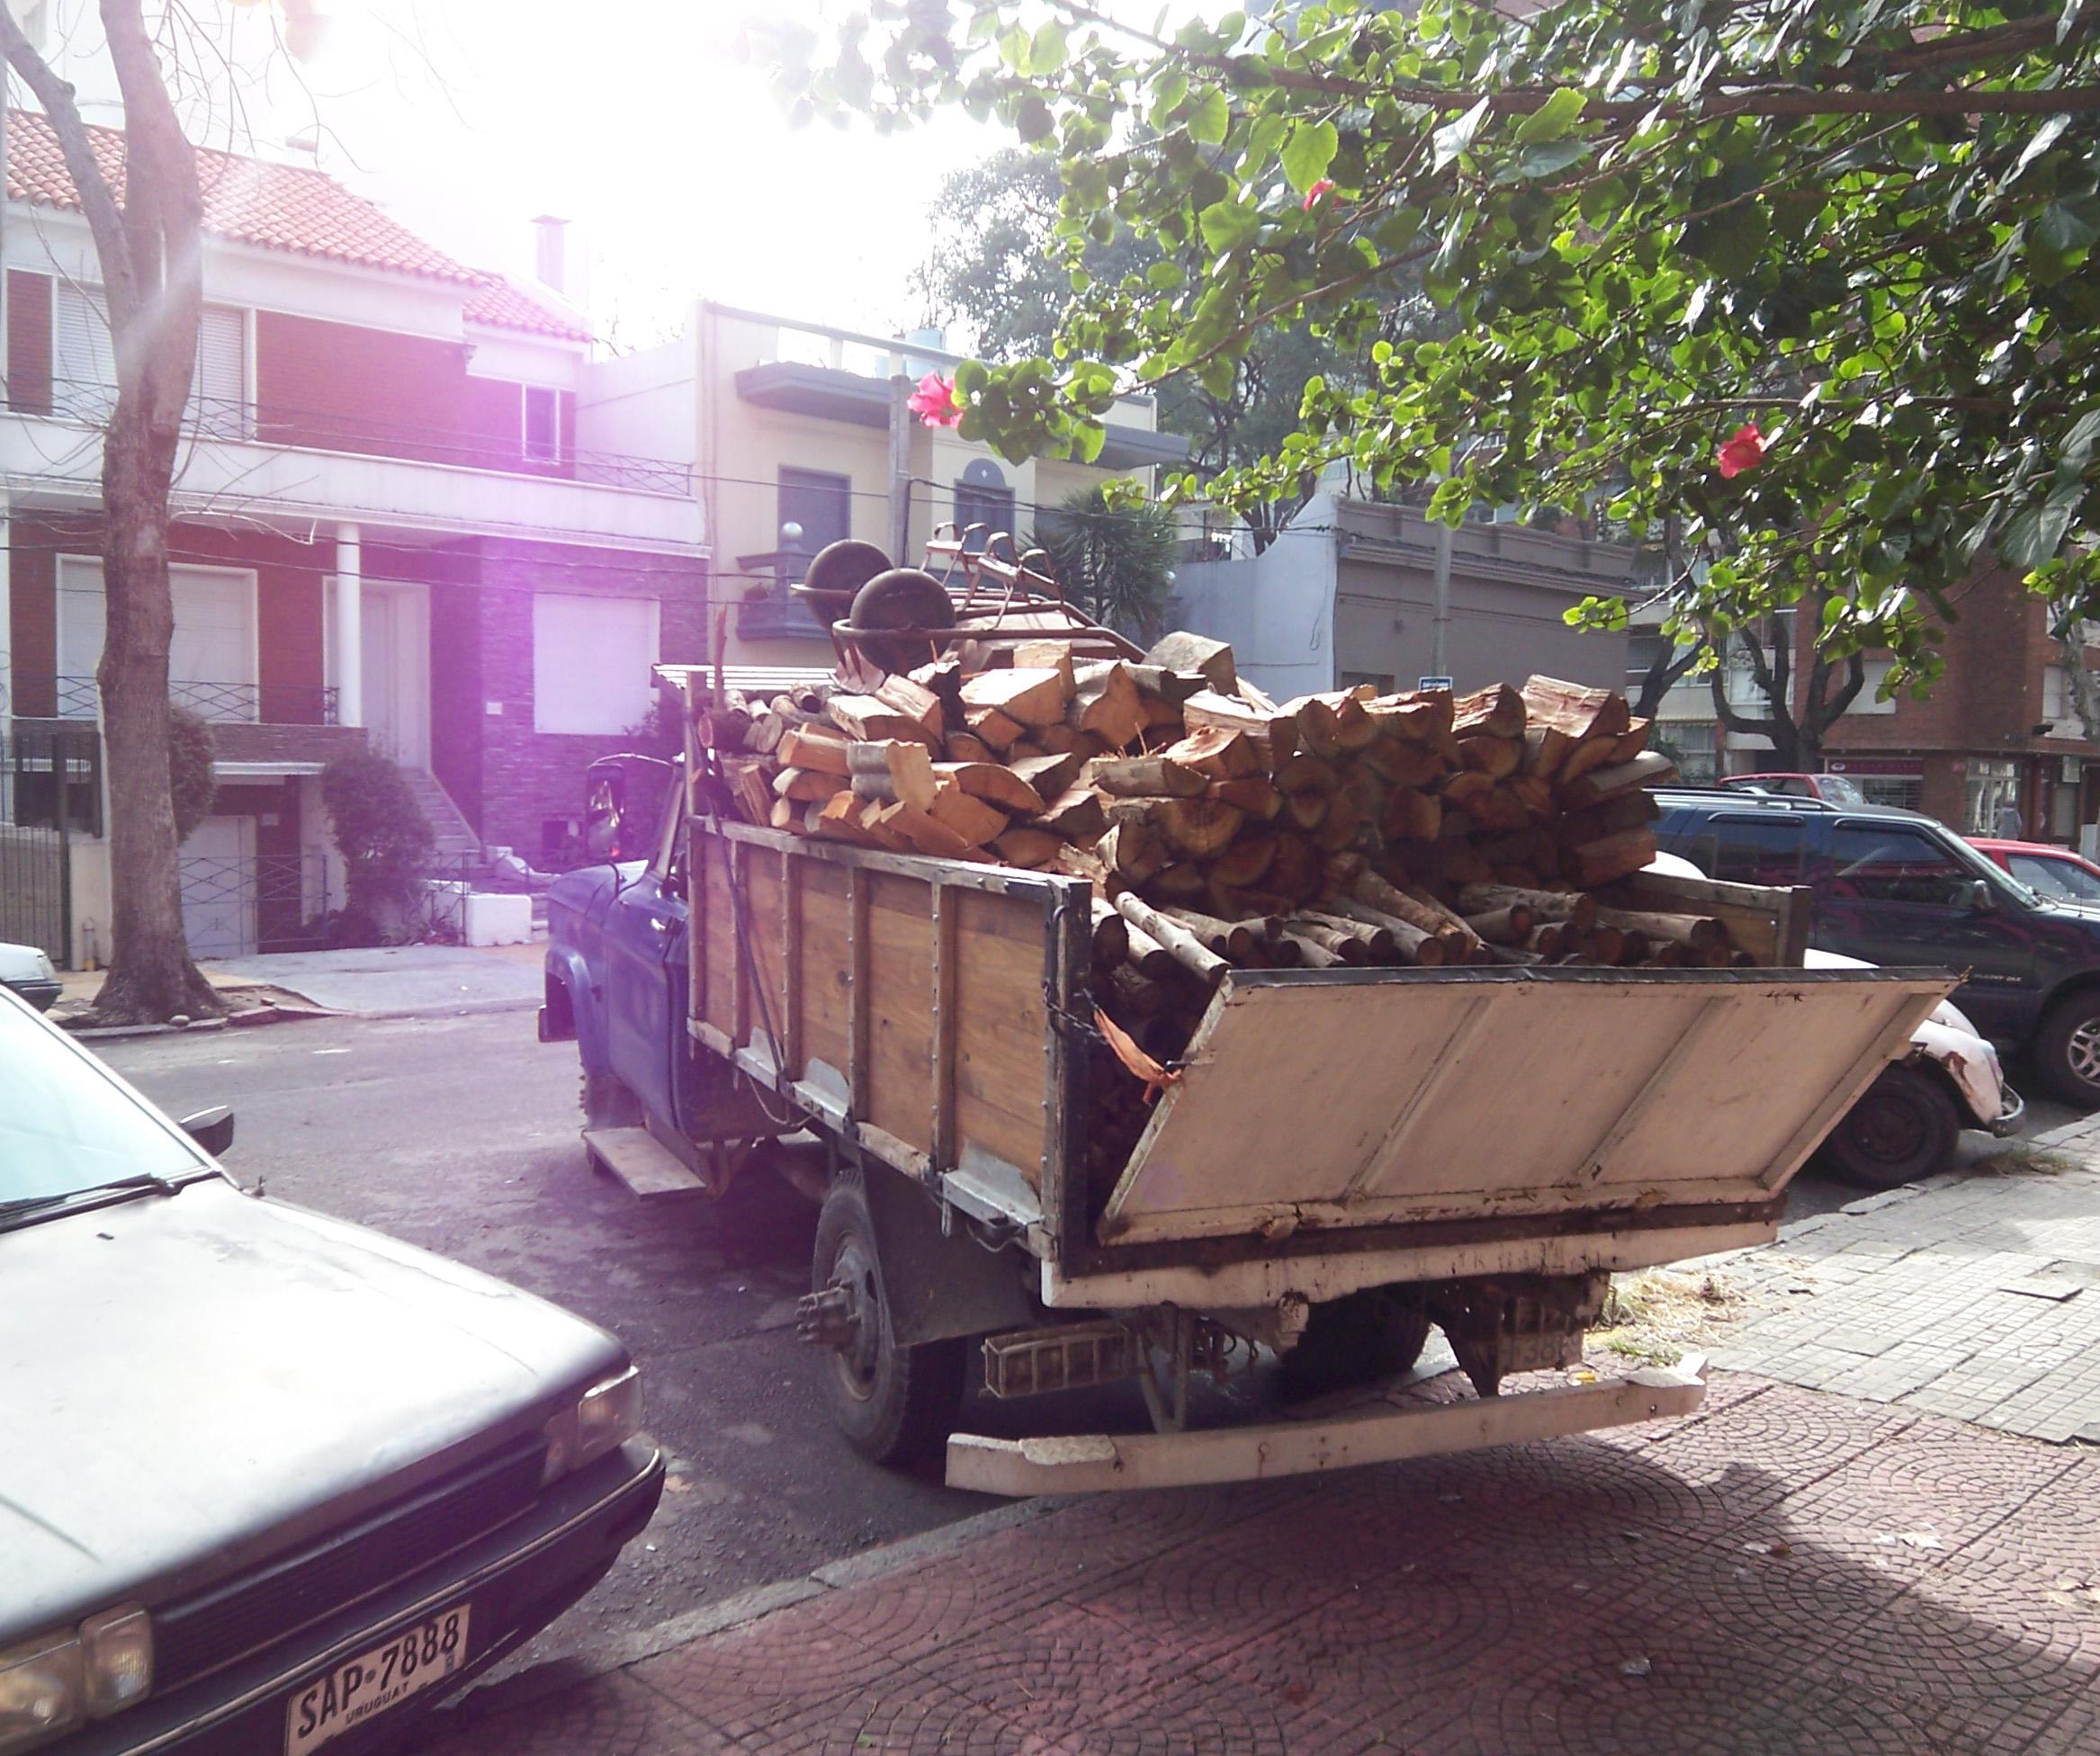 La Costanera delivery truck